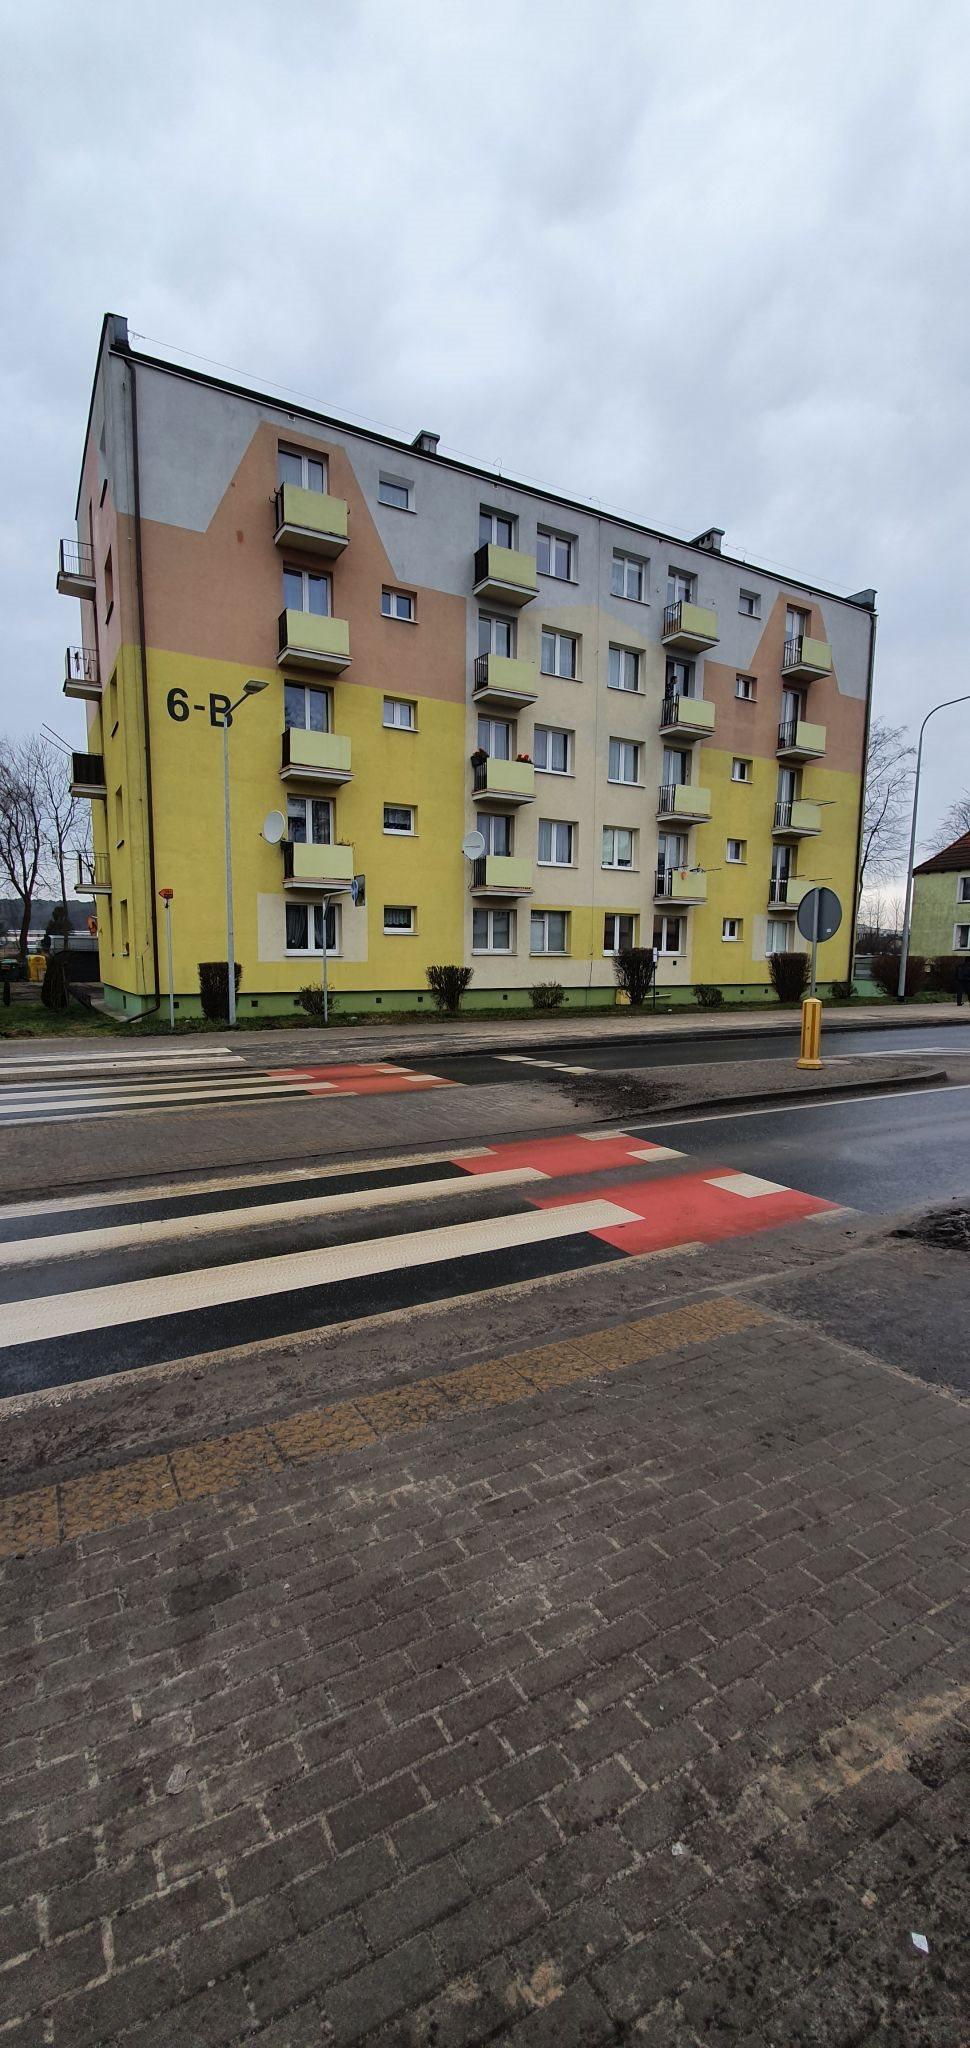 Mieszkanie trzypokojowe na sprzedaż Ustka, Darłowska 6B  46m2 Foto 9